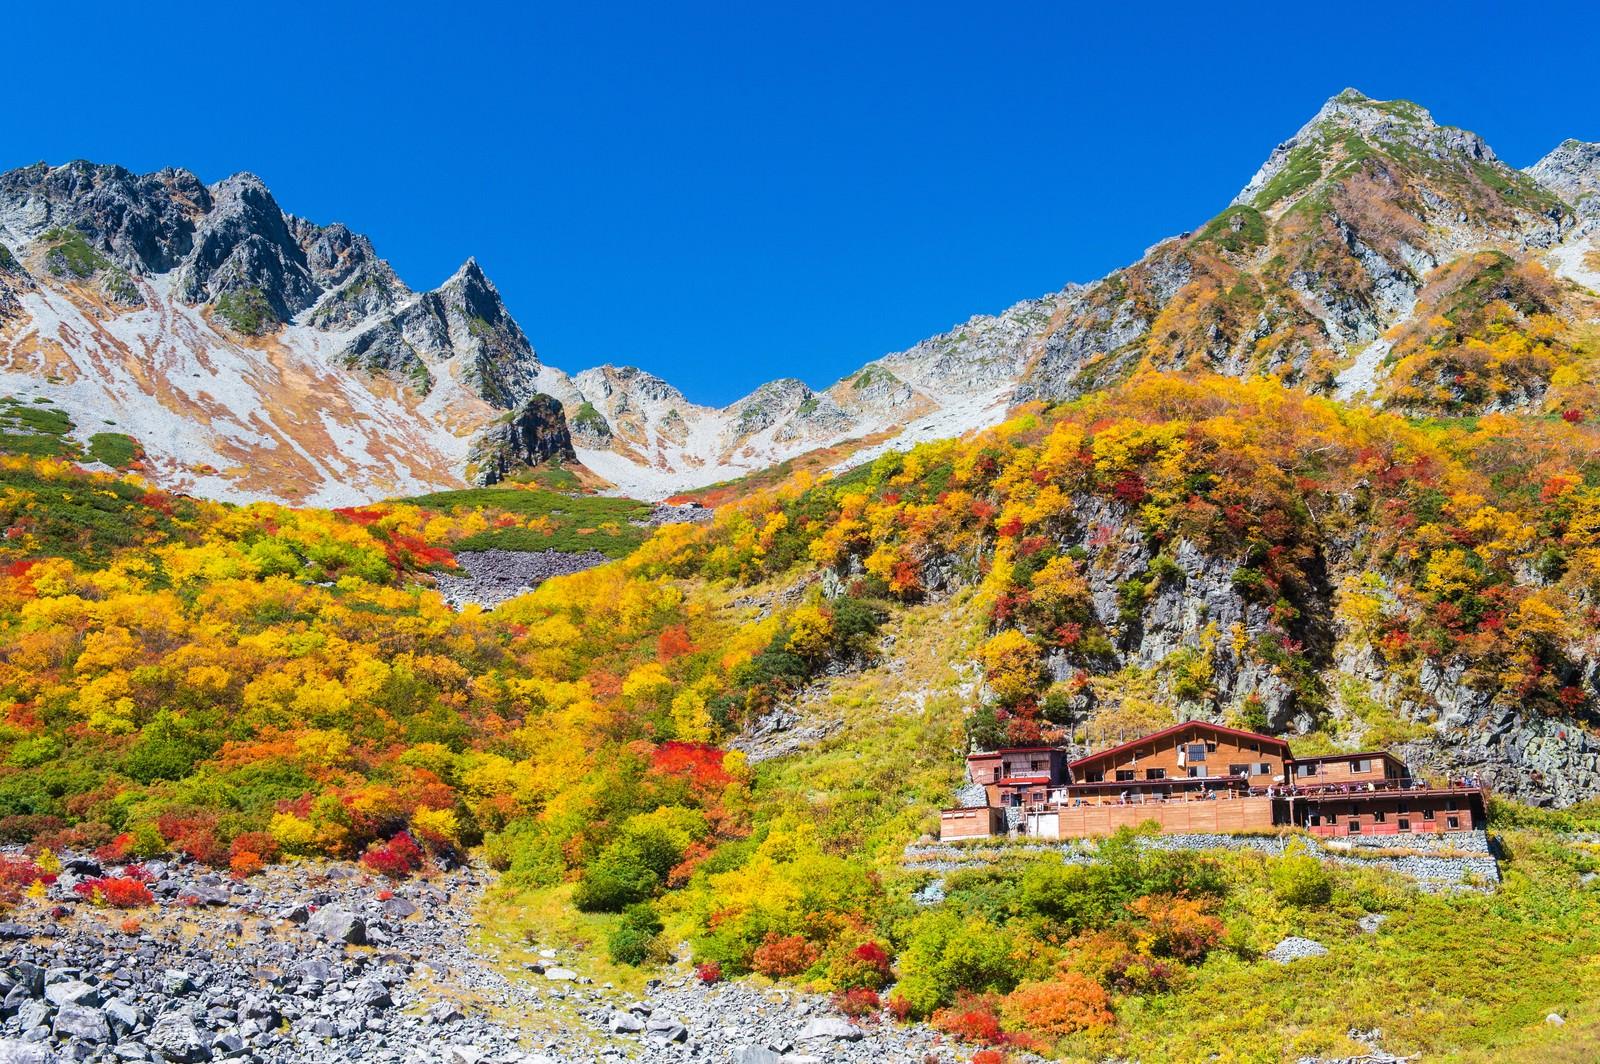 「紅葉シーズンの涸沢カールと涸沢小屋」の写真